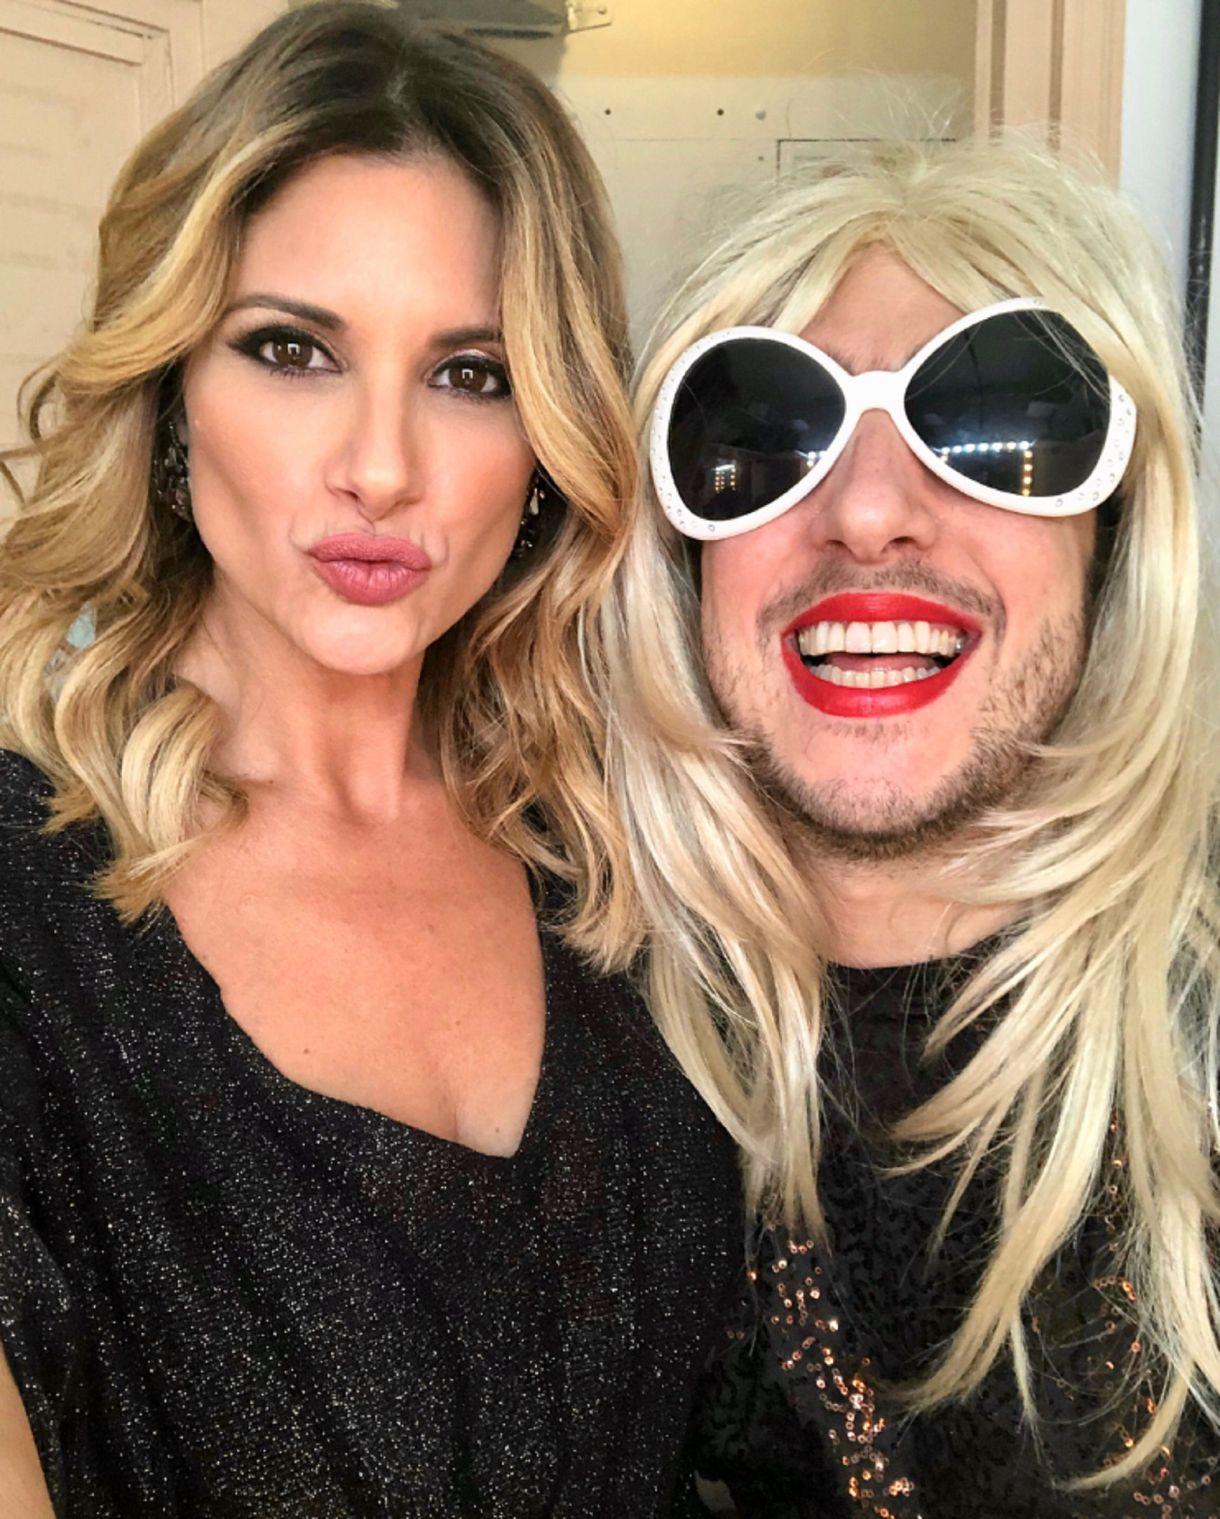 Alessandra Rampolla junto a Estelita, el personaje que interpreta Jey Mammon